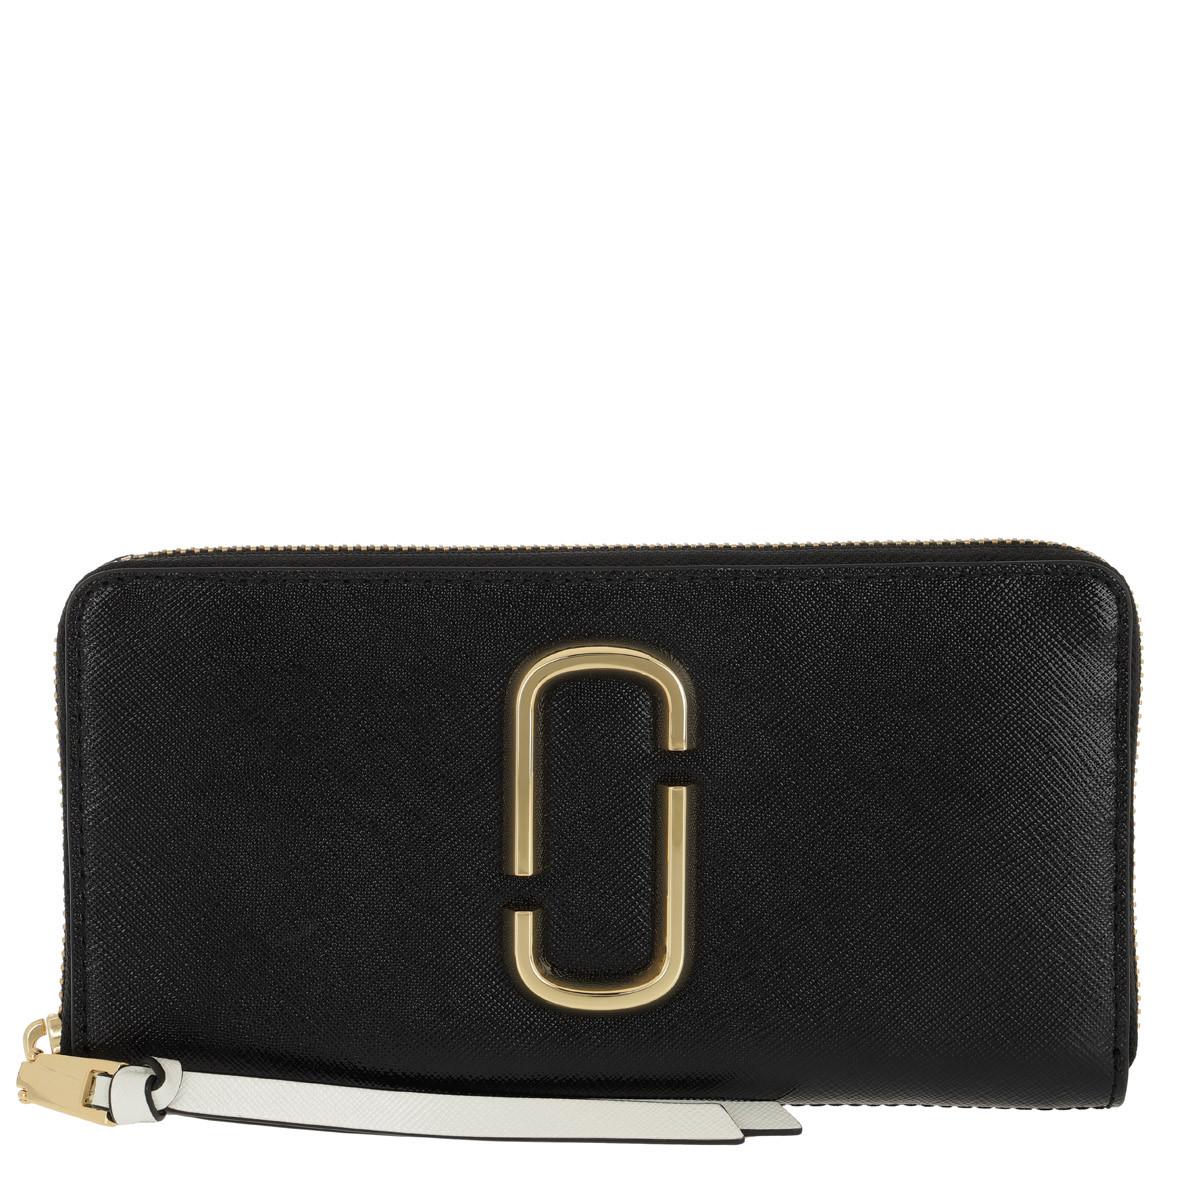 Marc Jacobs Portemonnaie - Snapshot Standard Continental Wallet Leather Black/Multi - in schwarz - für Damen